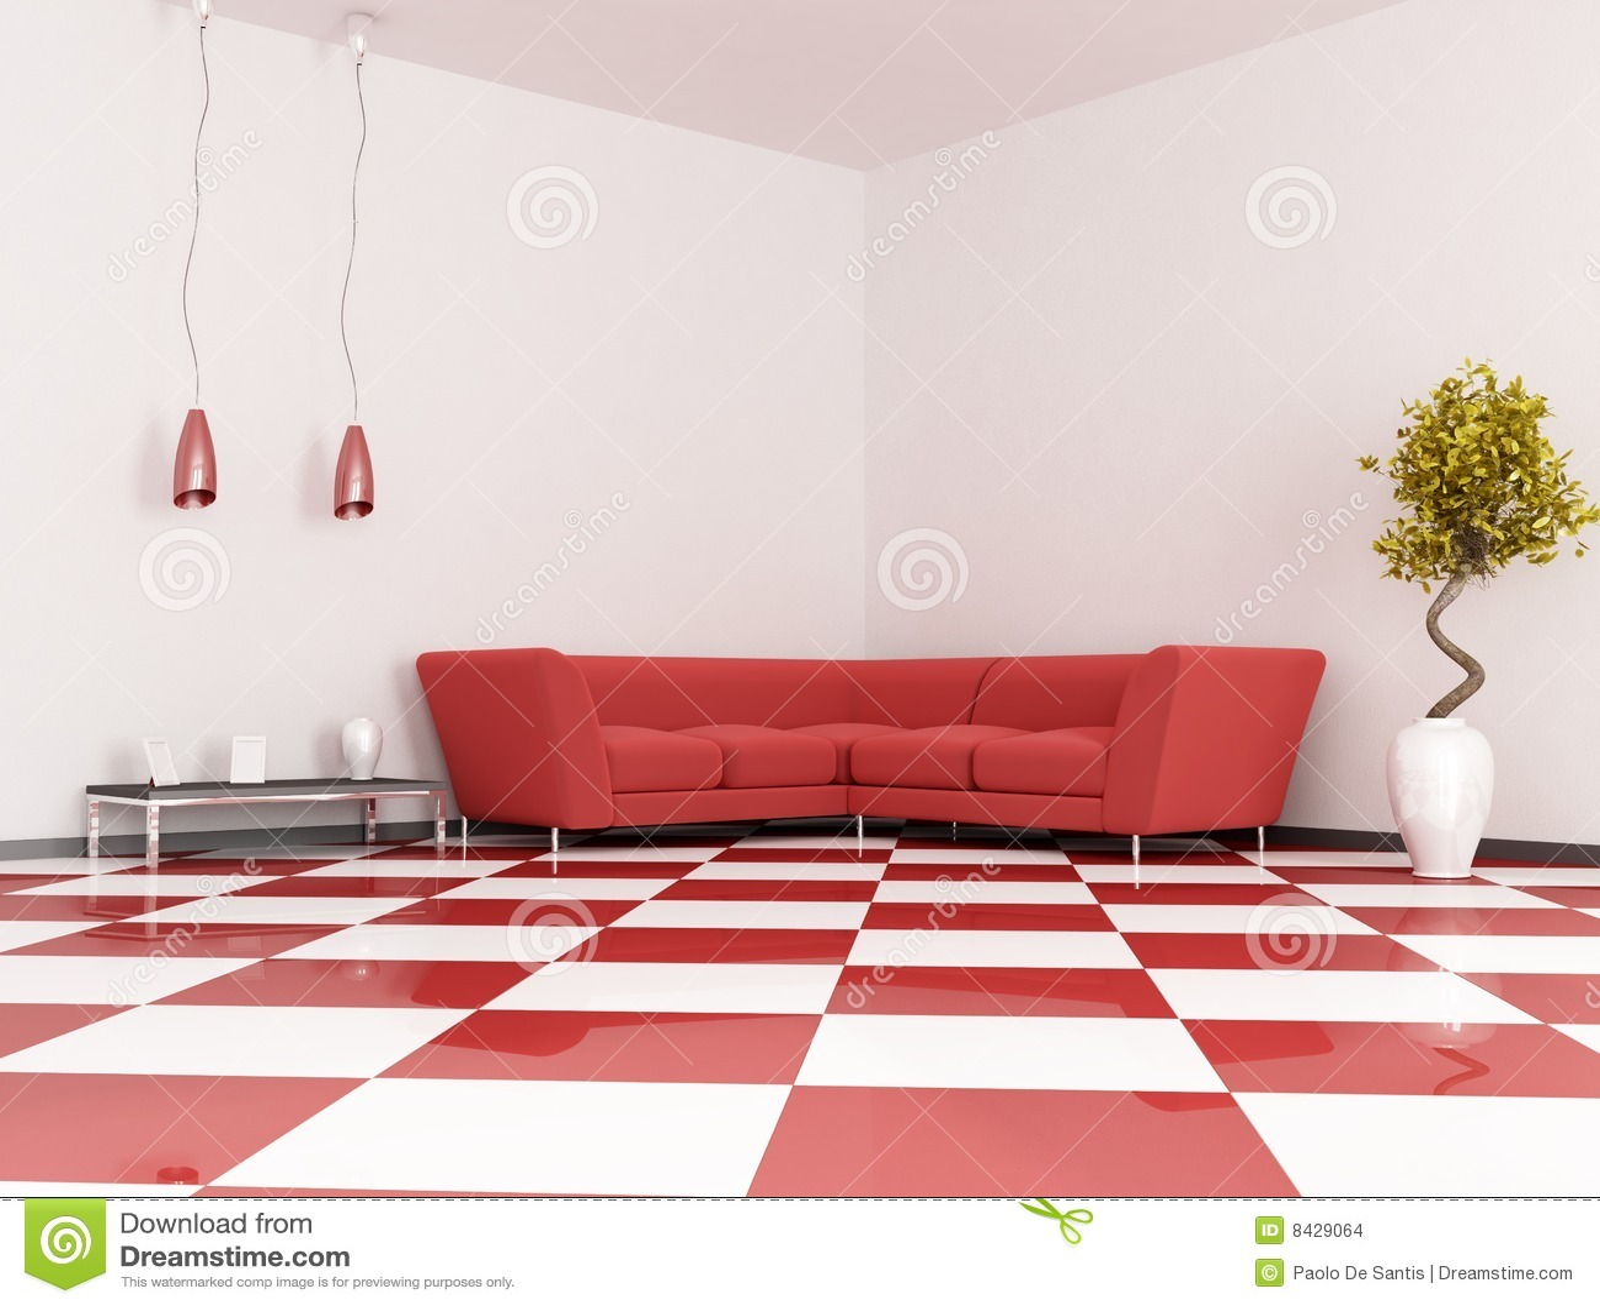 Red angle sofa